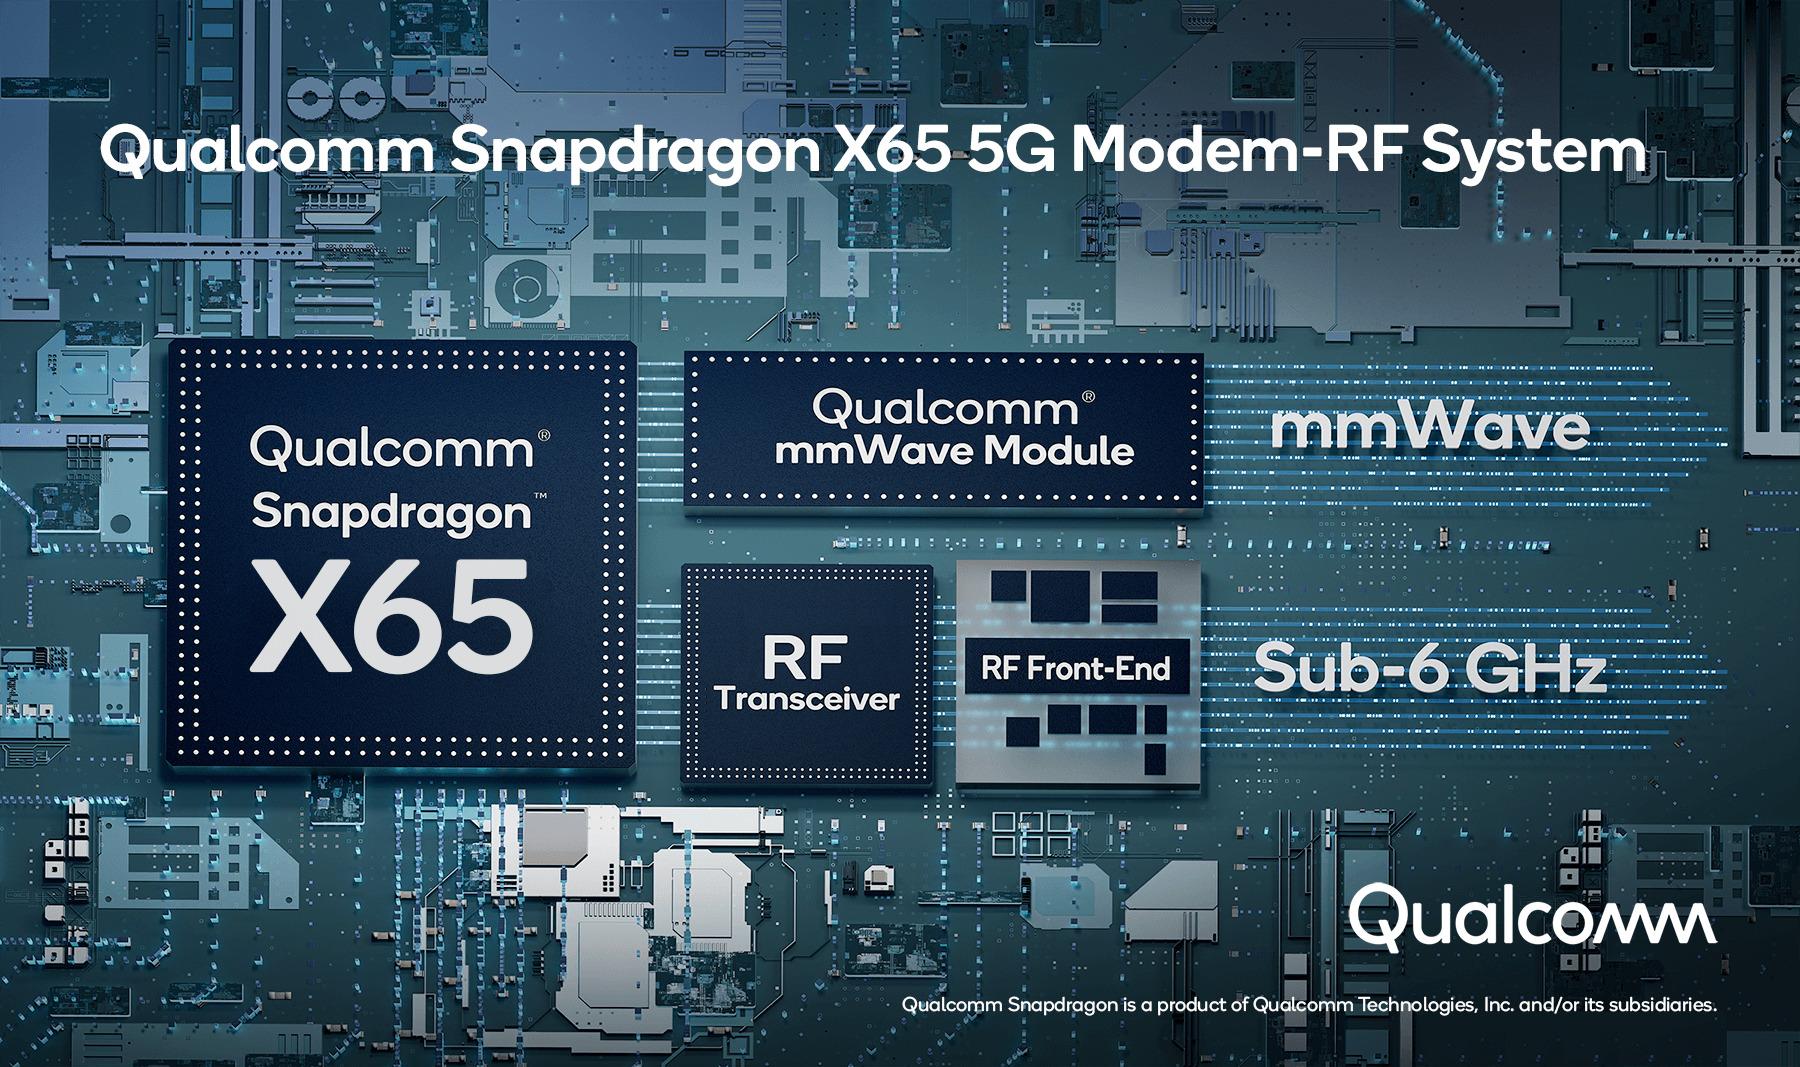 Qualcomm Snapdragon X65 et X62 : voici la nouvelle génération de modem 5G avec des débits jusqu'à 10 Gb/s - Frandroid